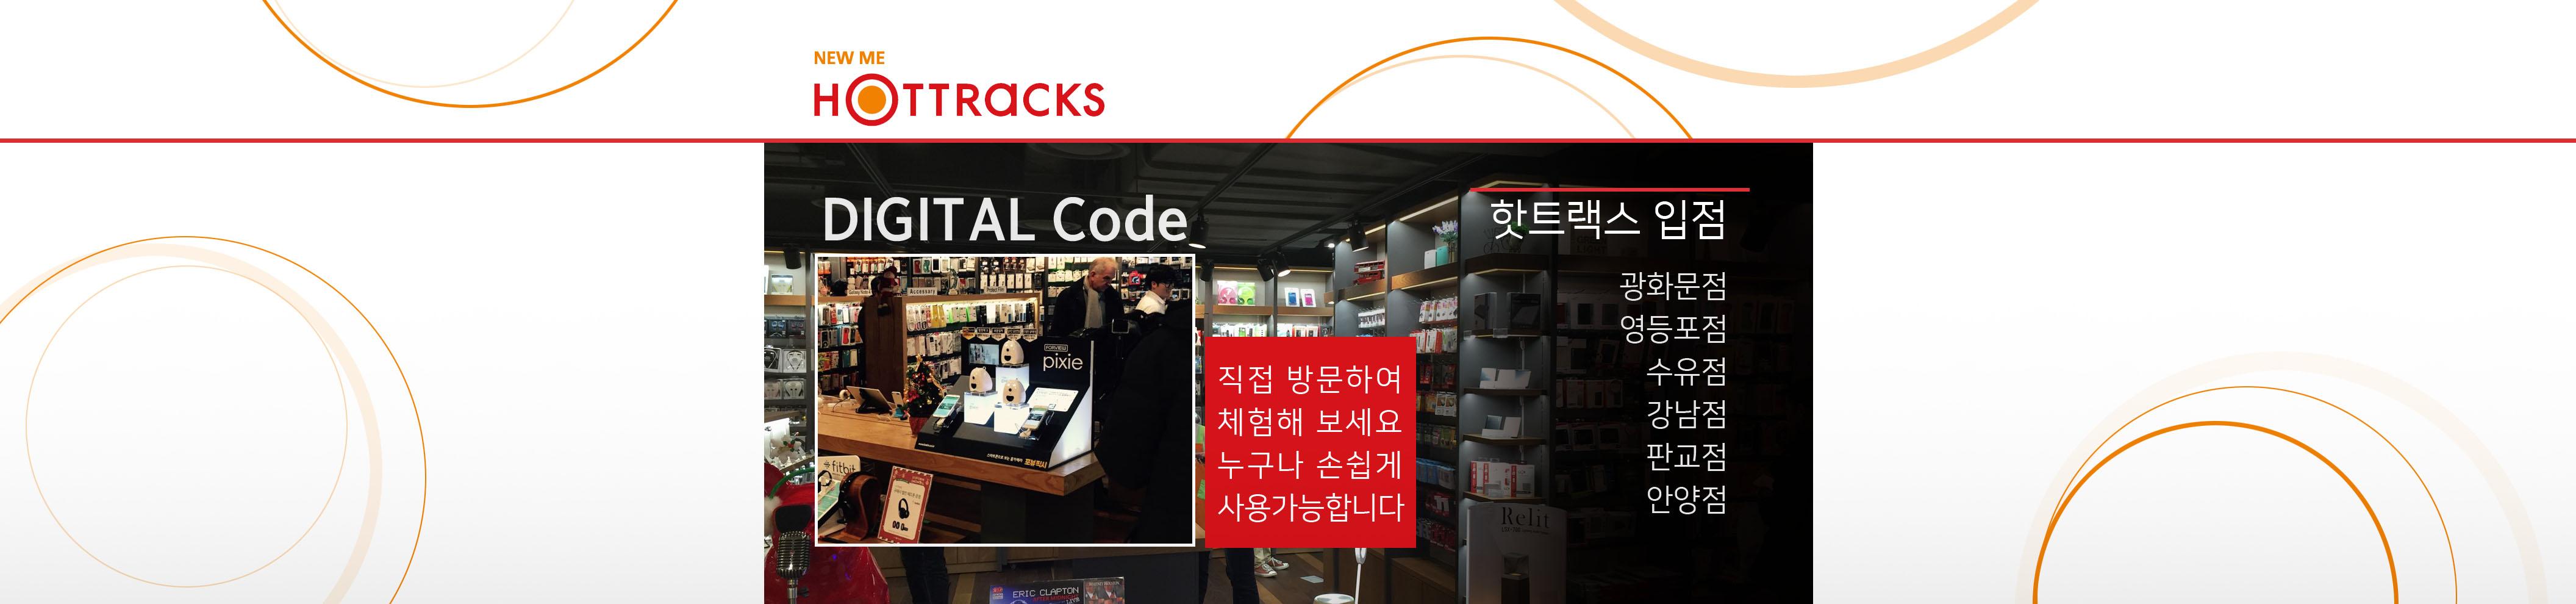 korea_background_image3